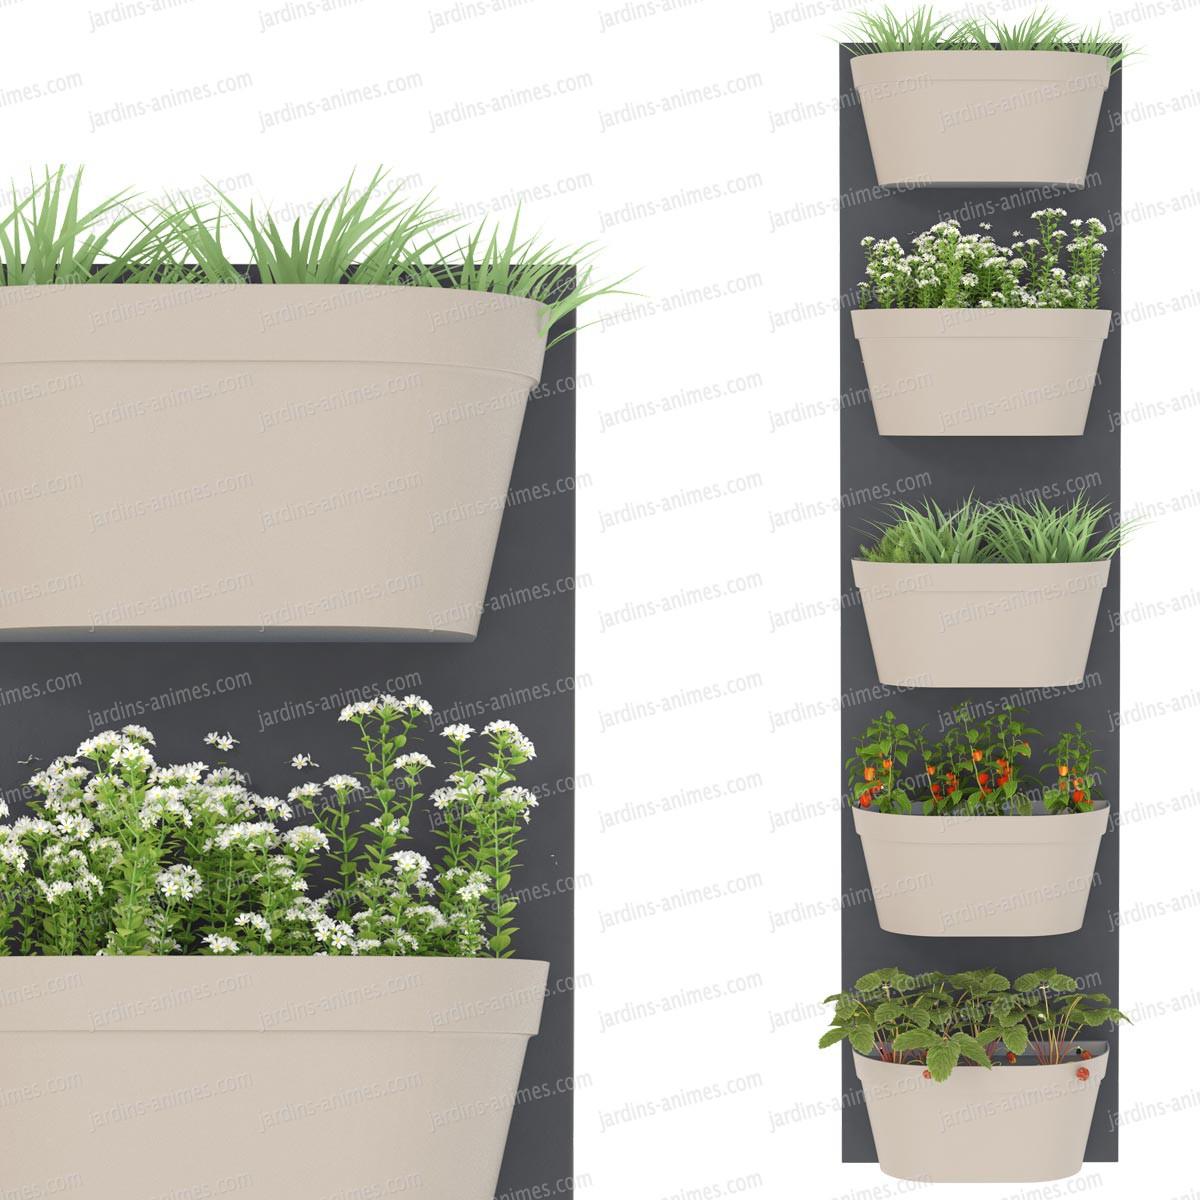 Jardin vertical 5 bacs fond gris fonc bac gris chaud for Jardin mur gris